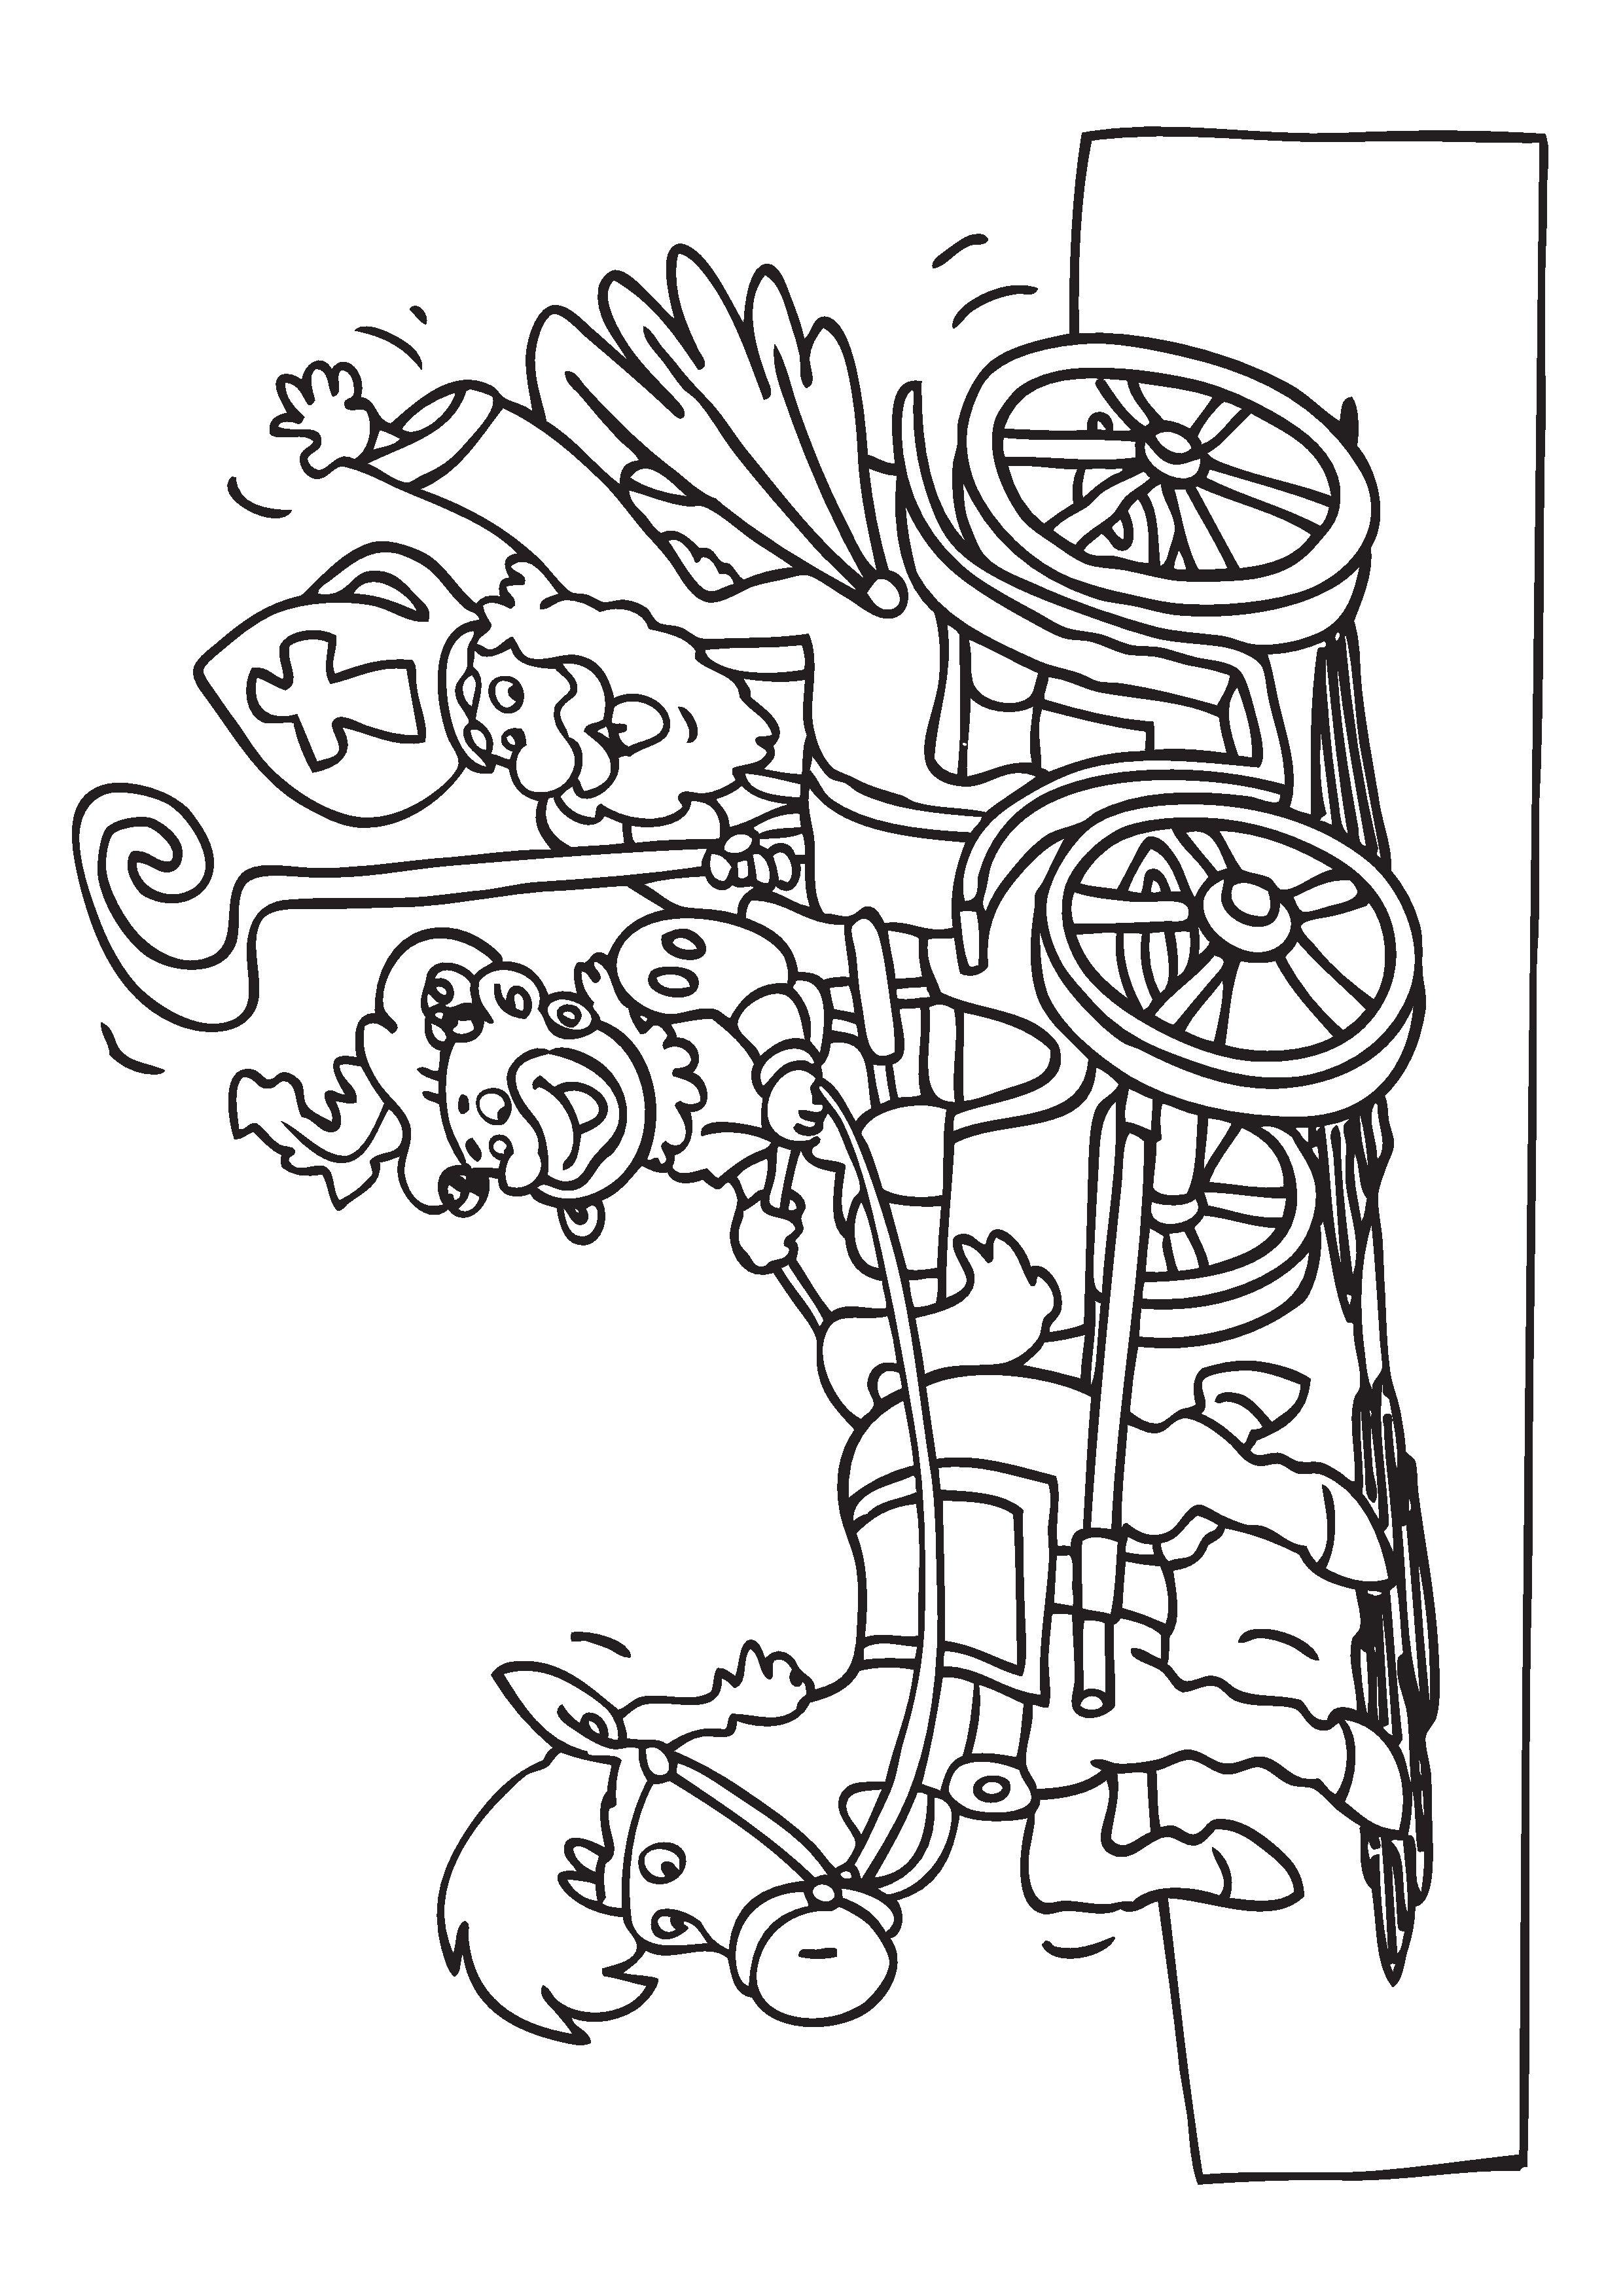 Kleurplaten Feestdagen.Kleurplaten Sinterklaas Paard Kleurplaat